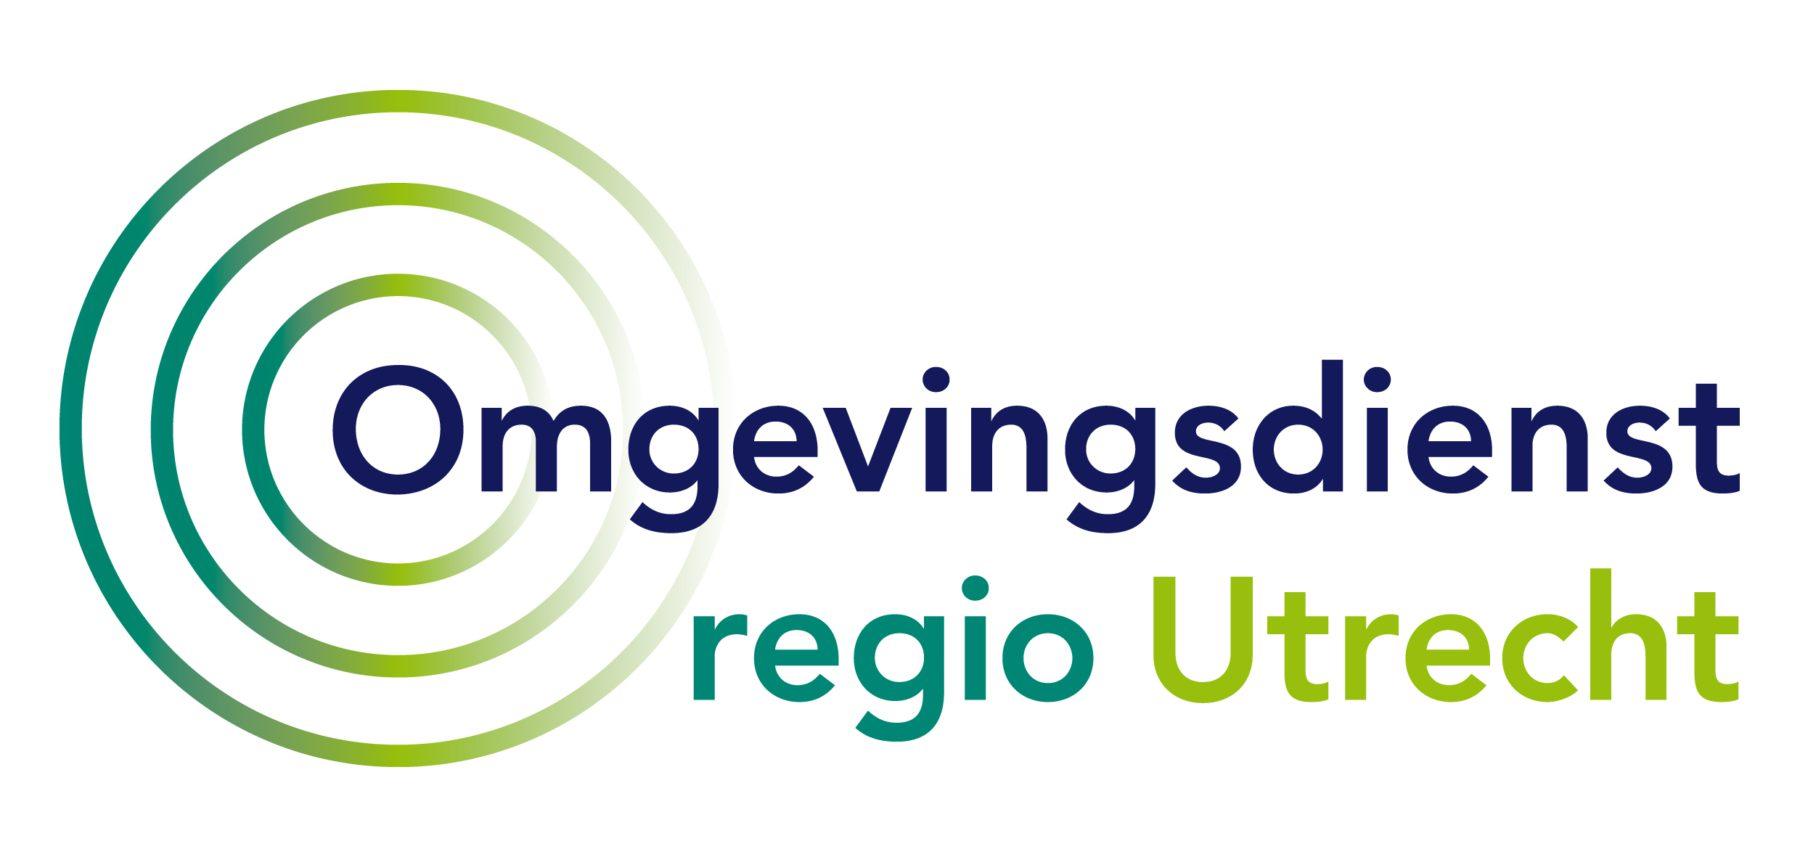 logo Omgevingsdienst regio Utrecht in 3 PMS kleuren